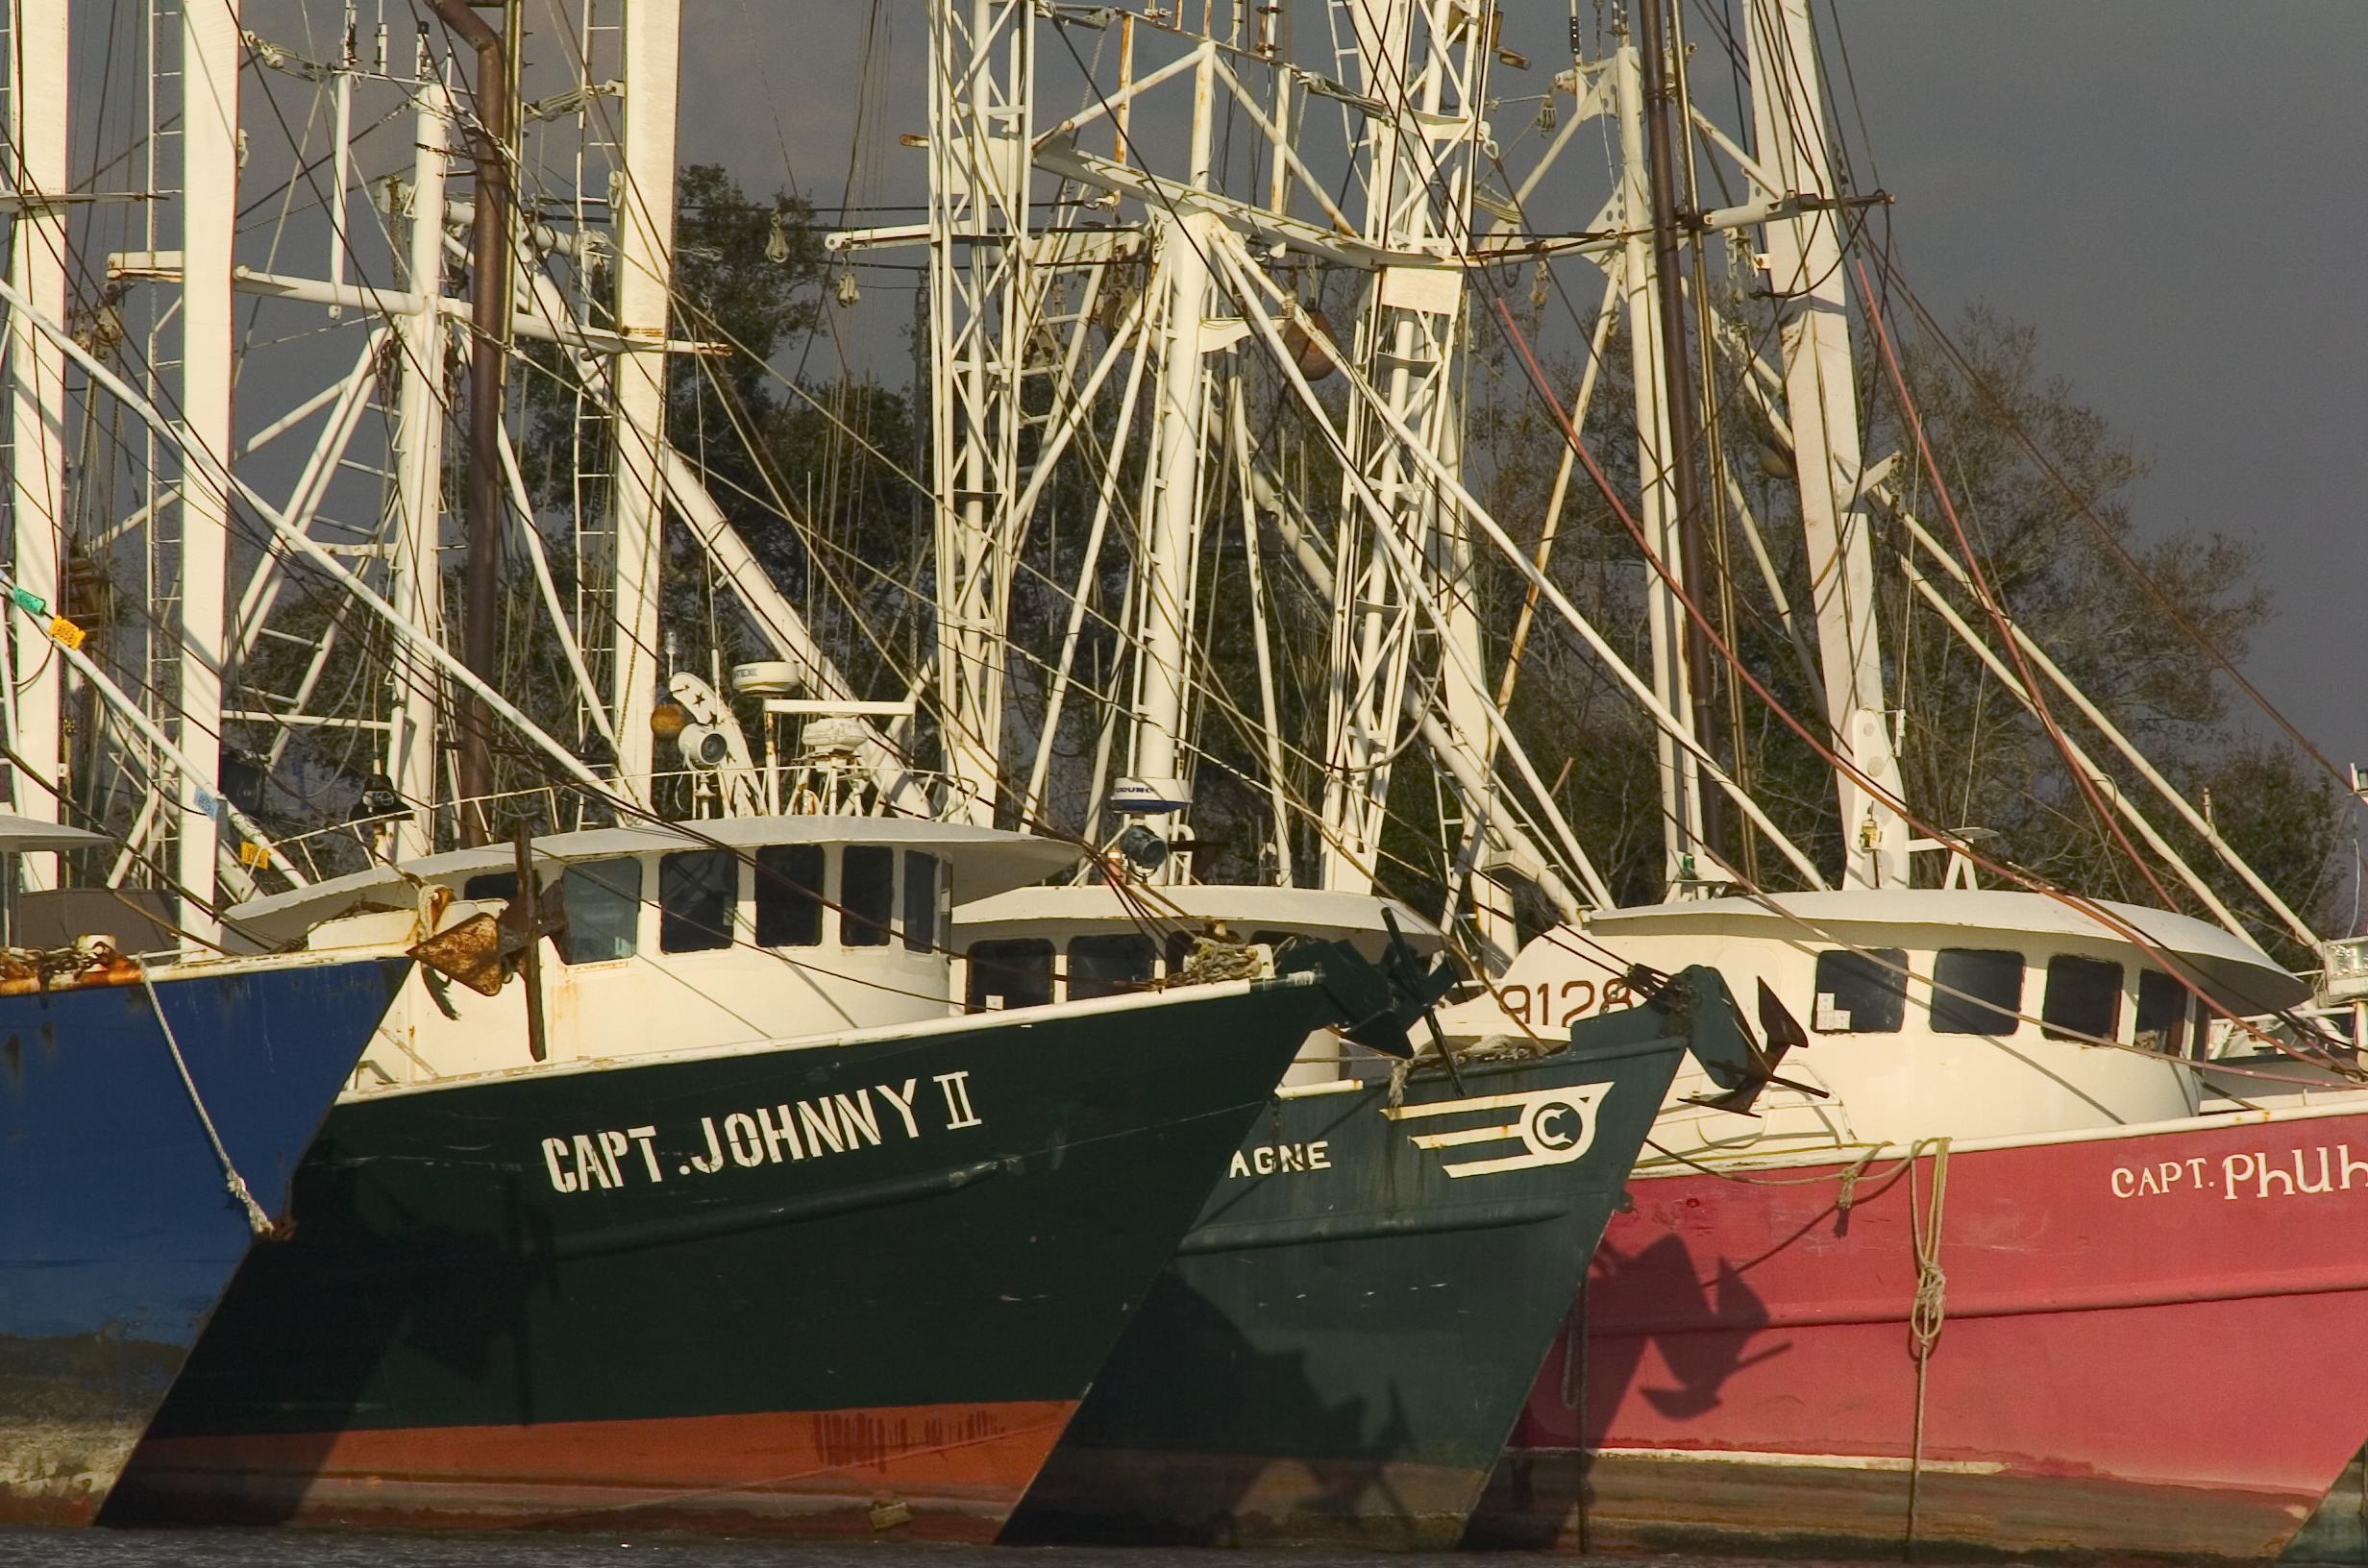 Louisiana fishing boats